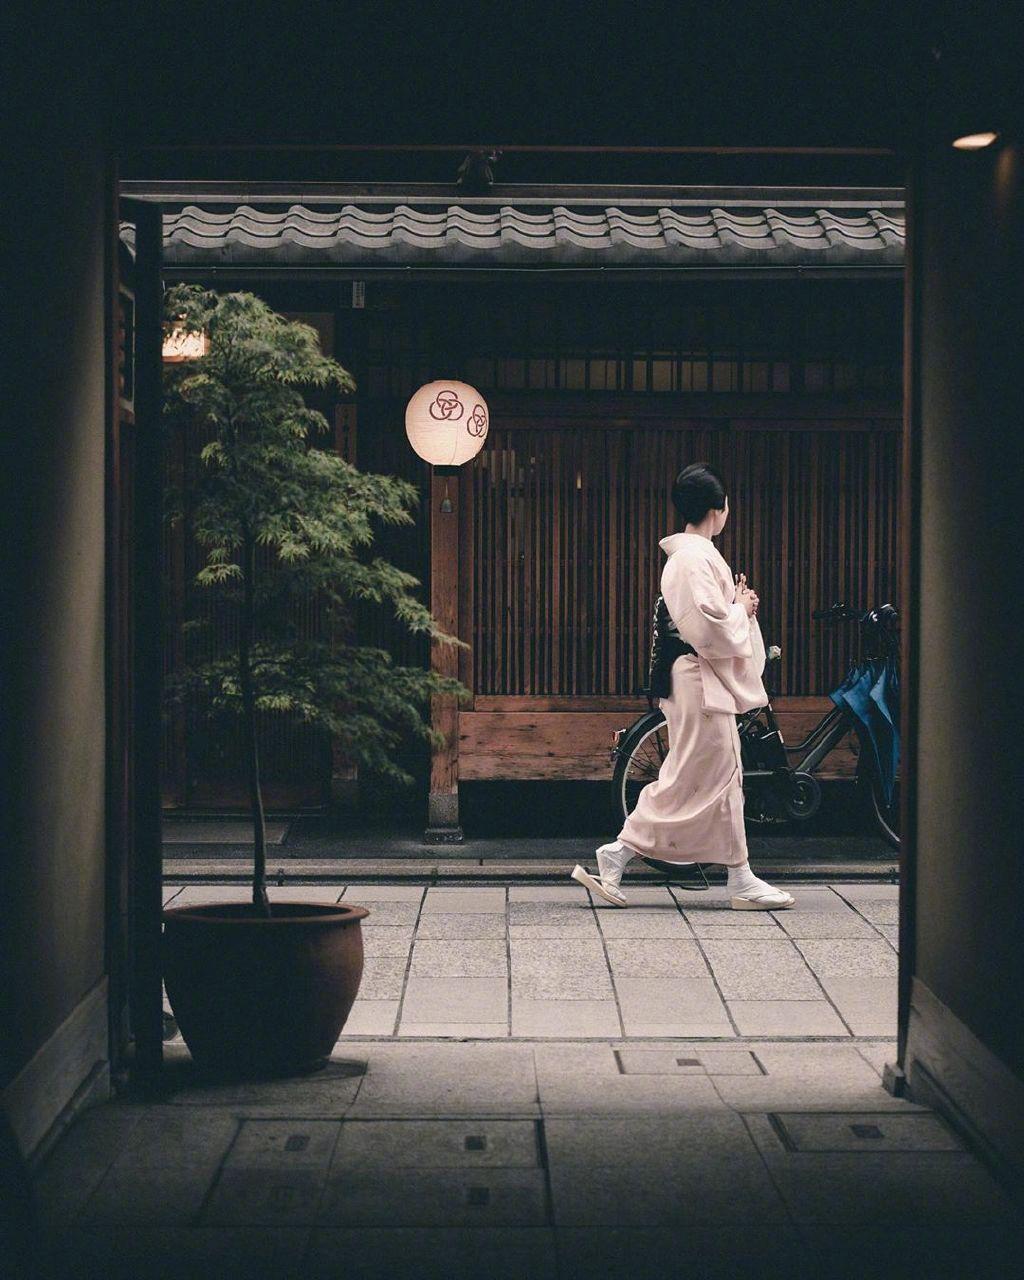 京都的美,一两句话说不明白......